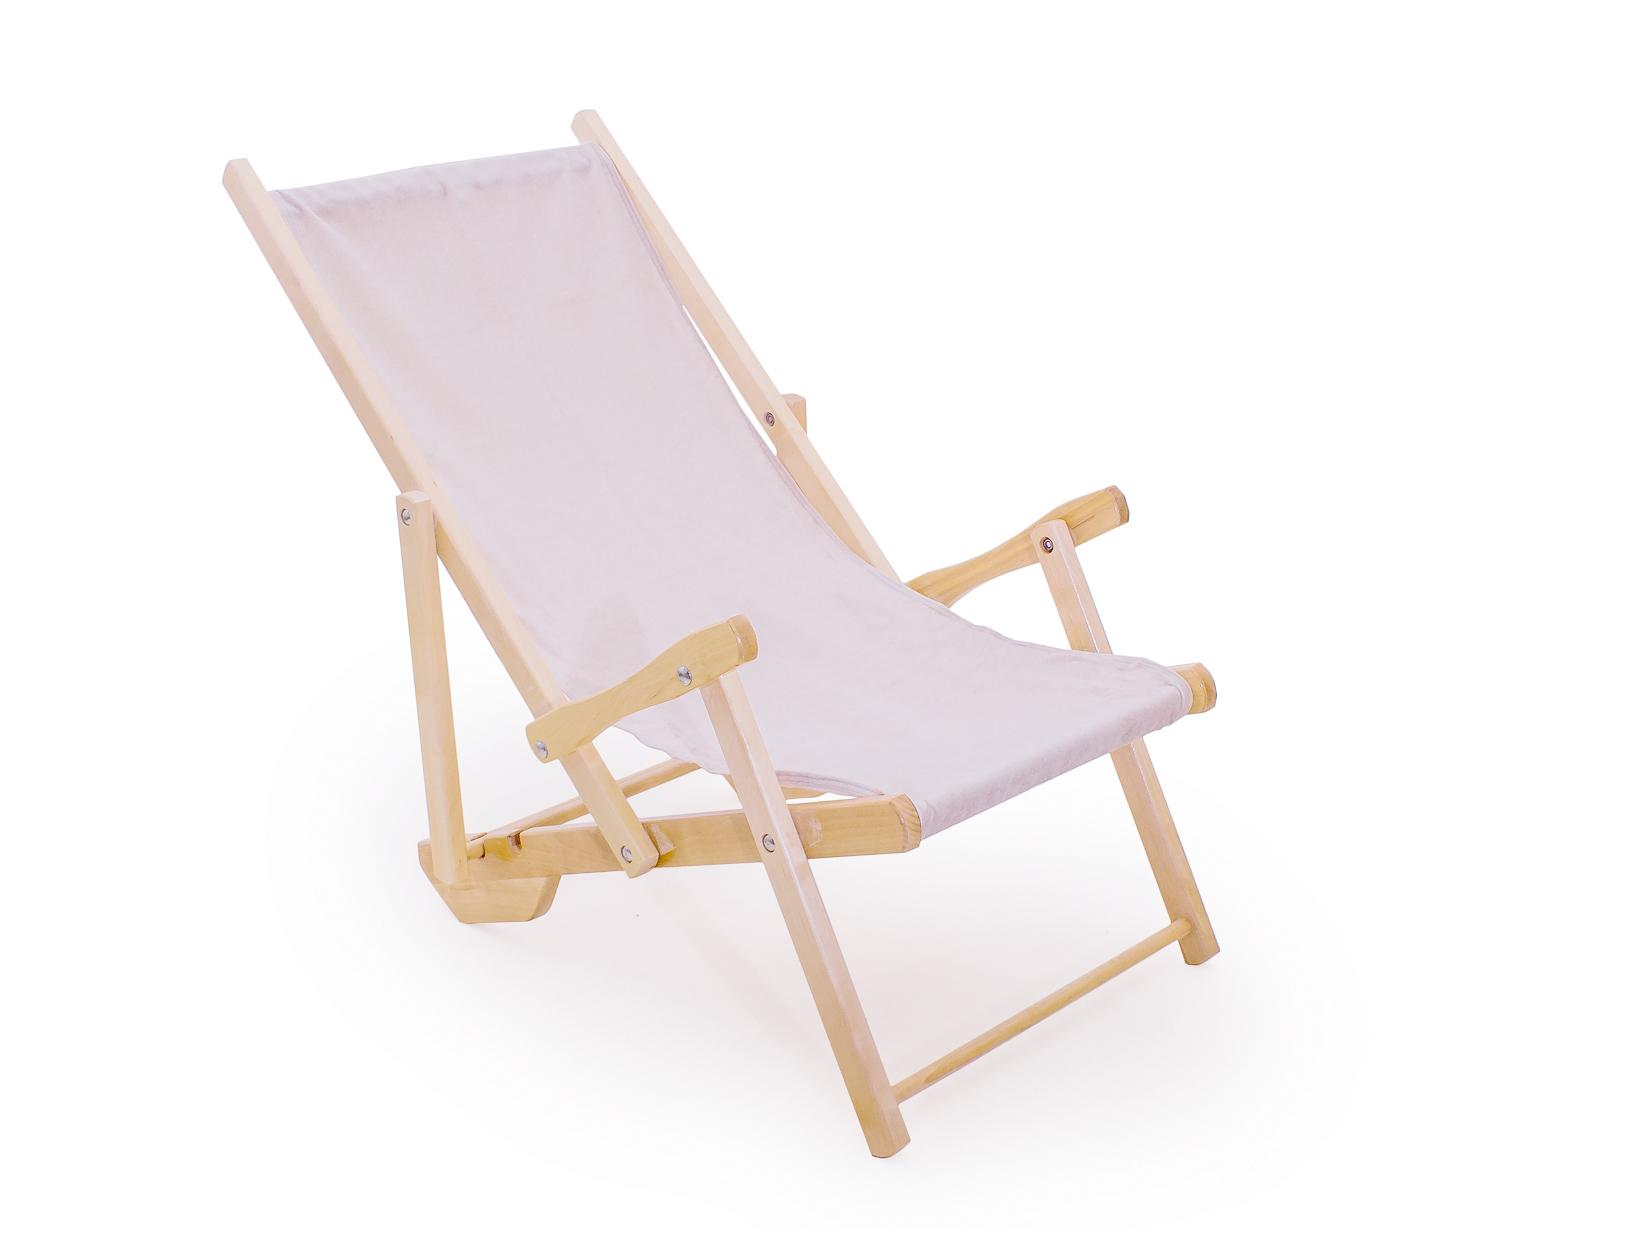 Деревянный лежак для пляжа 150-53328